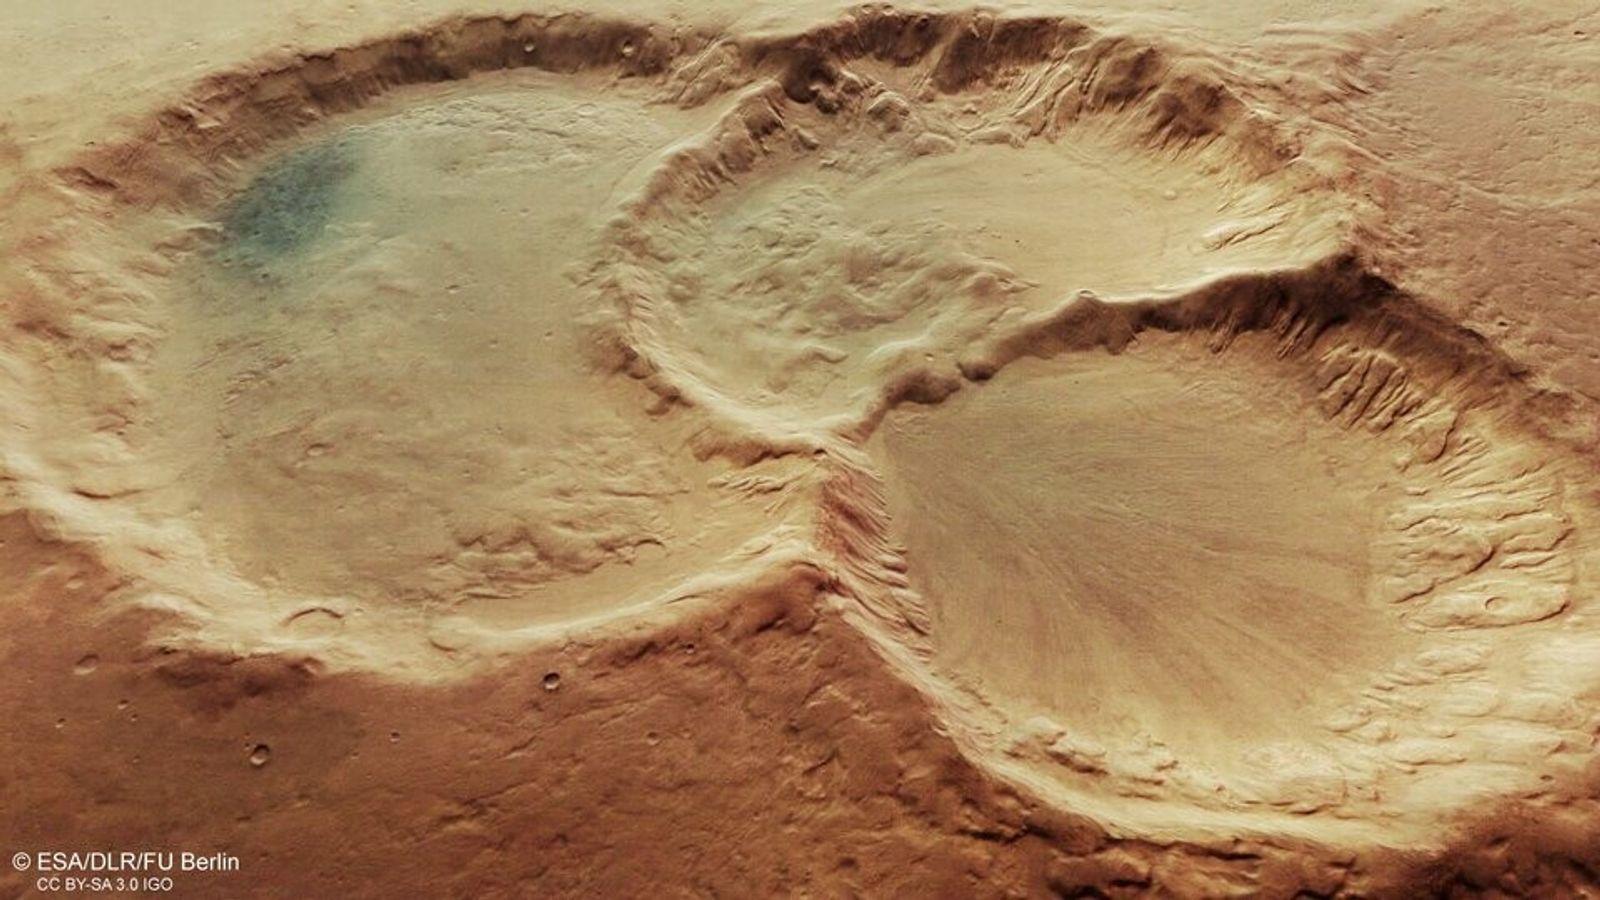 Ce triplet de cratères, situé dans l'hémisphère sud de Mars, aurait été formé il y a ...